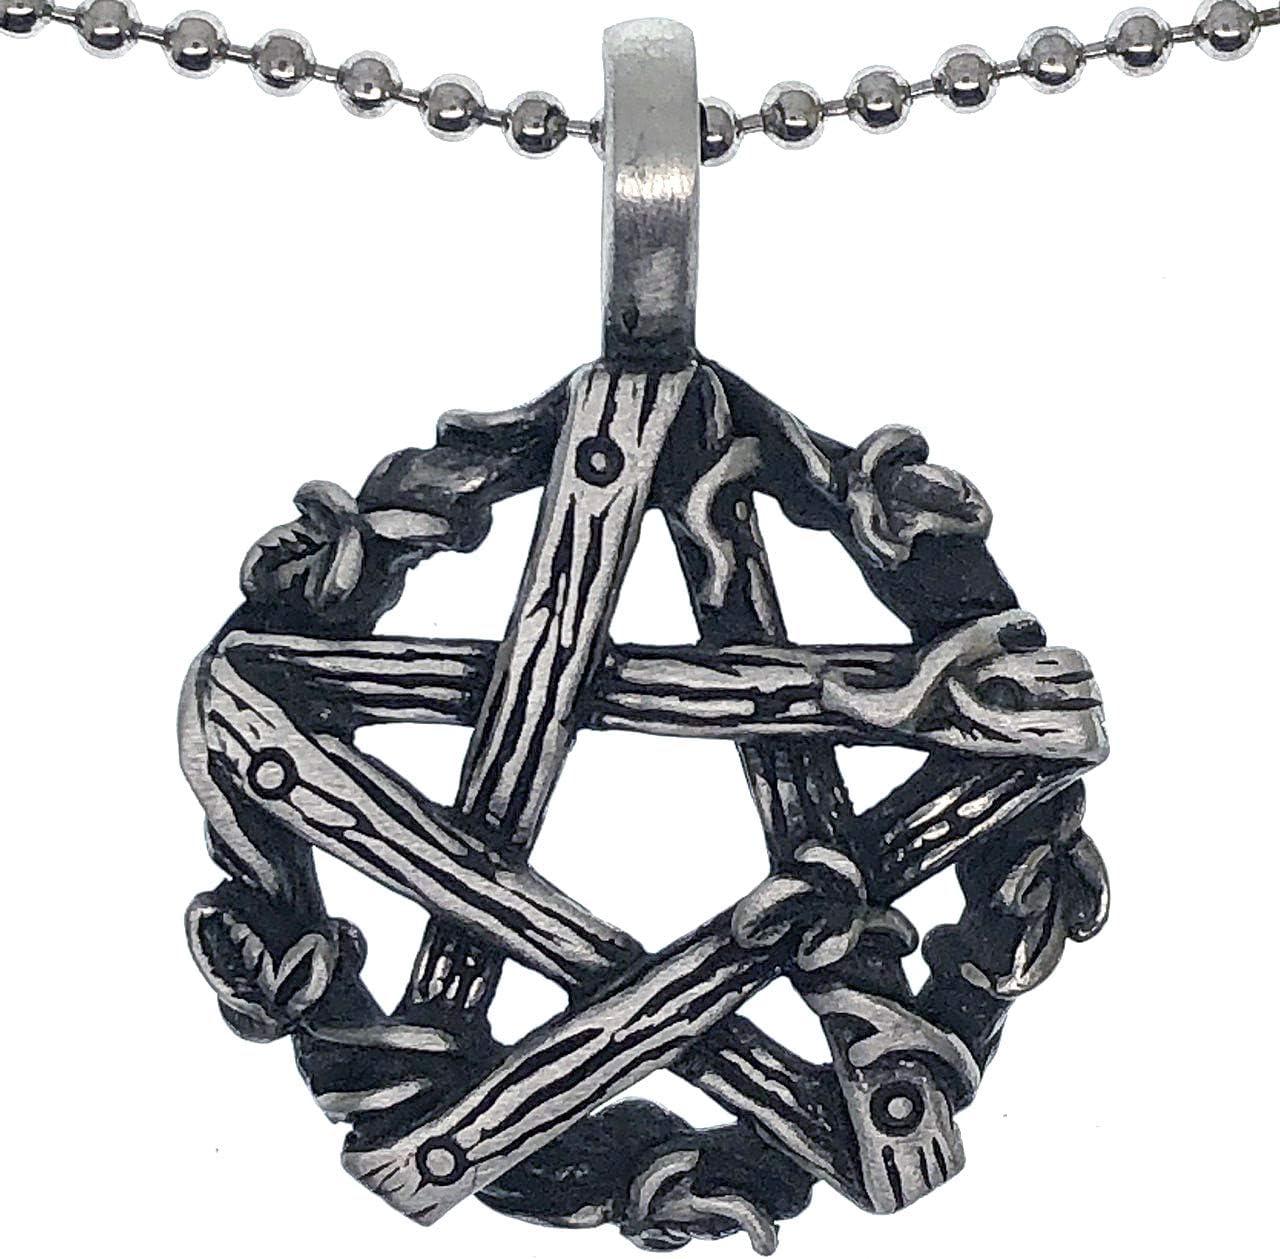 Plata Celta Pentáculo Collar gótico Wicca Pagano Colgante Sueño De Plumas De Fantasía